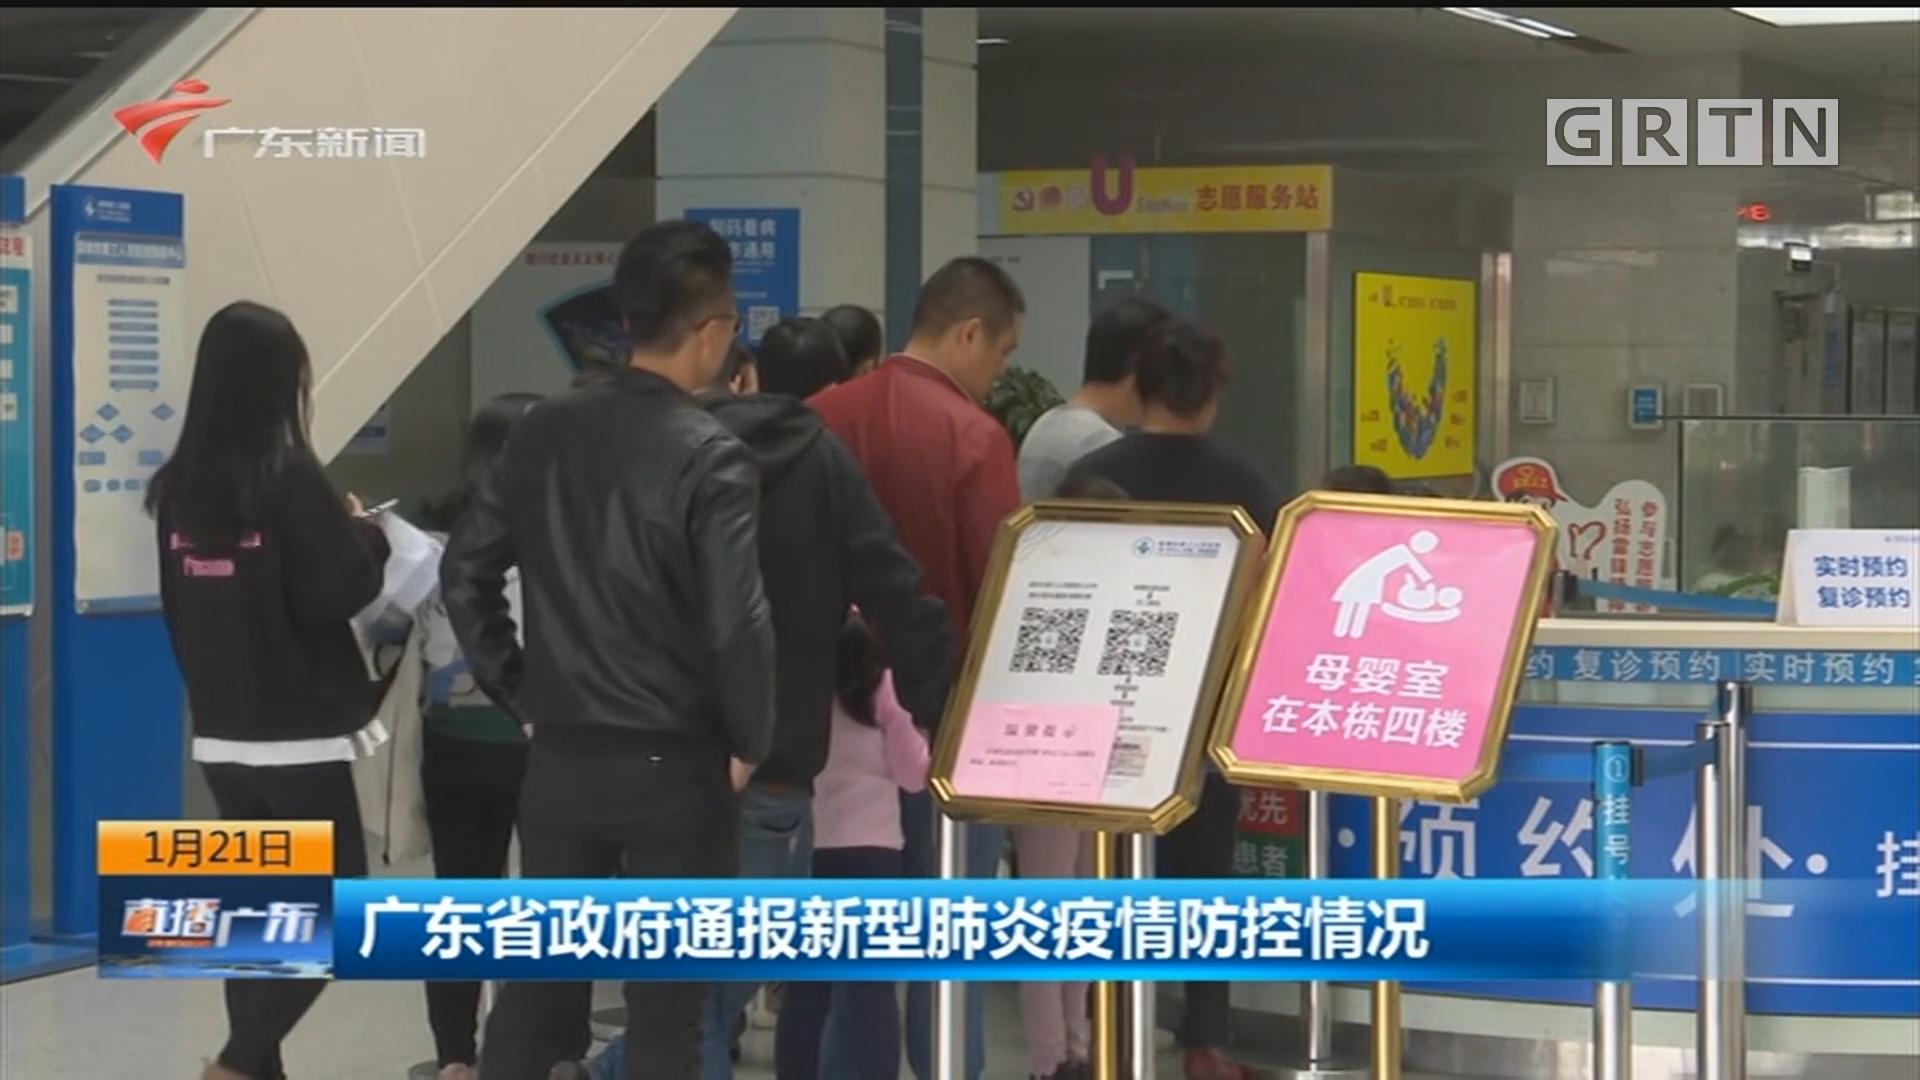 广东省政府通报新型肺炎疫情防控情况